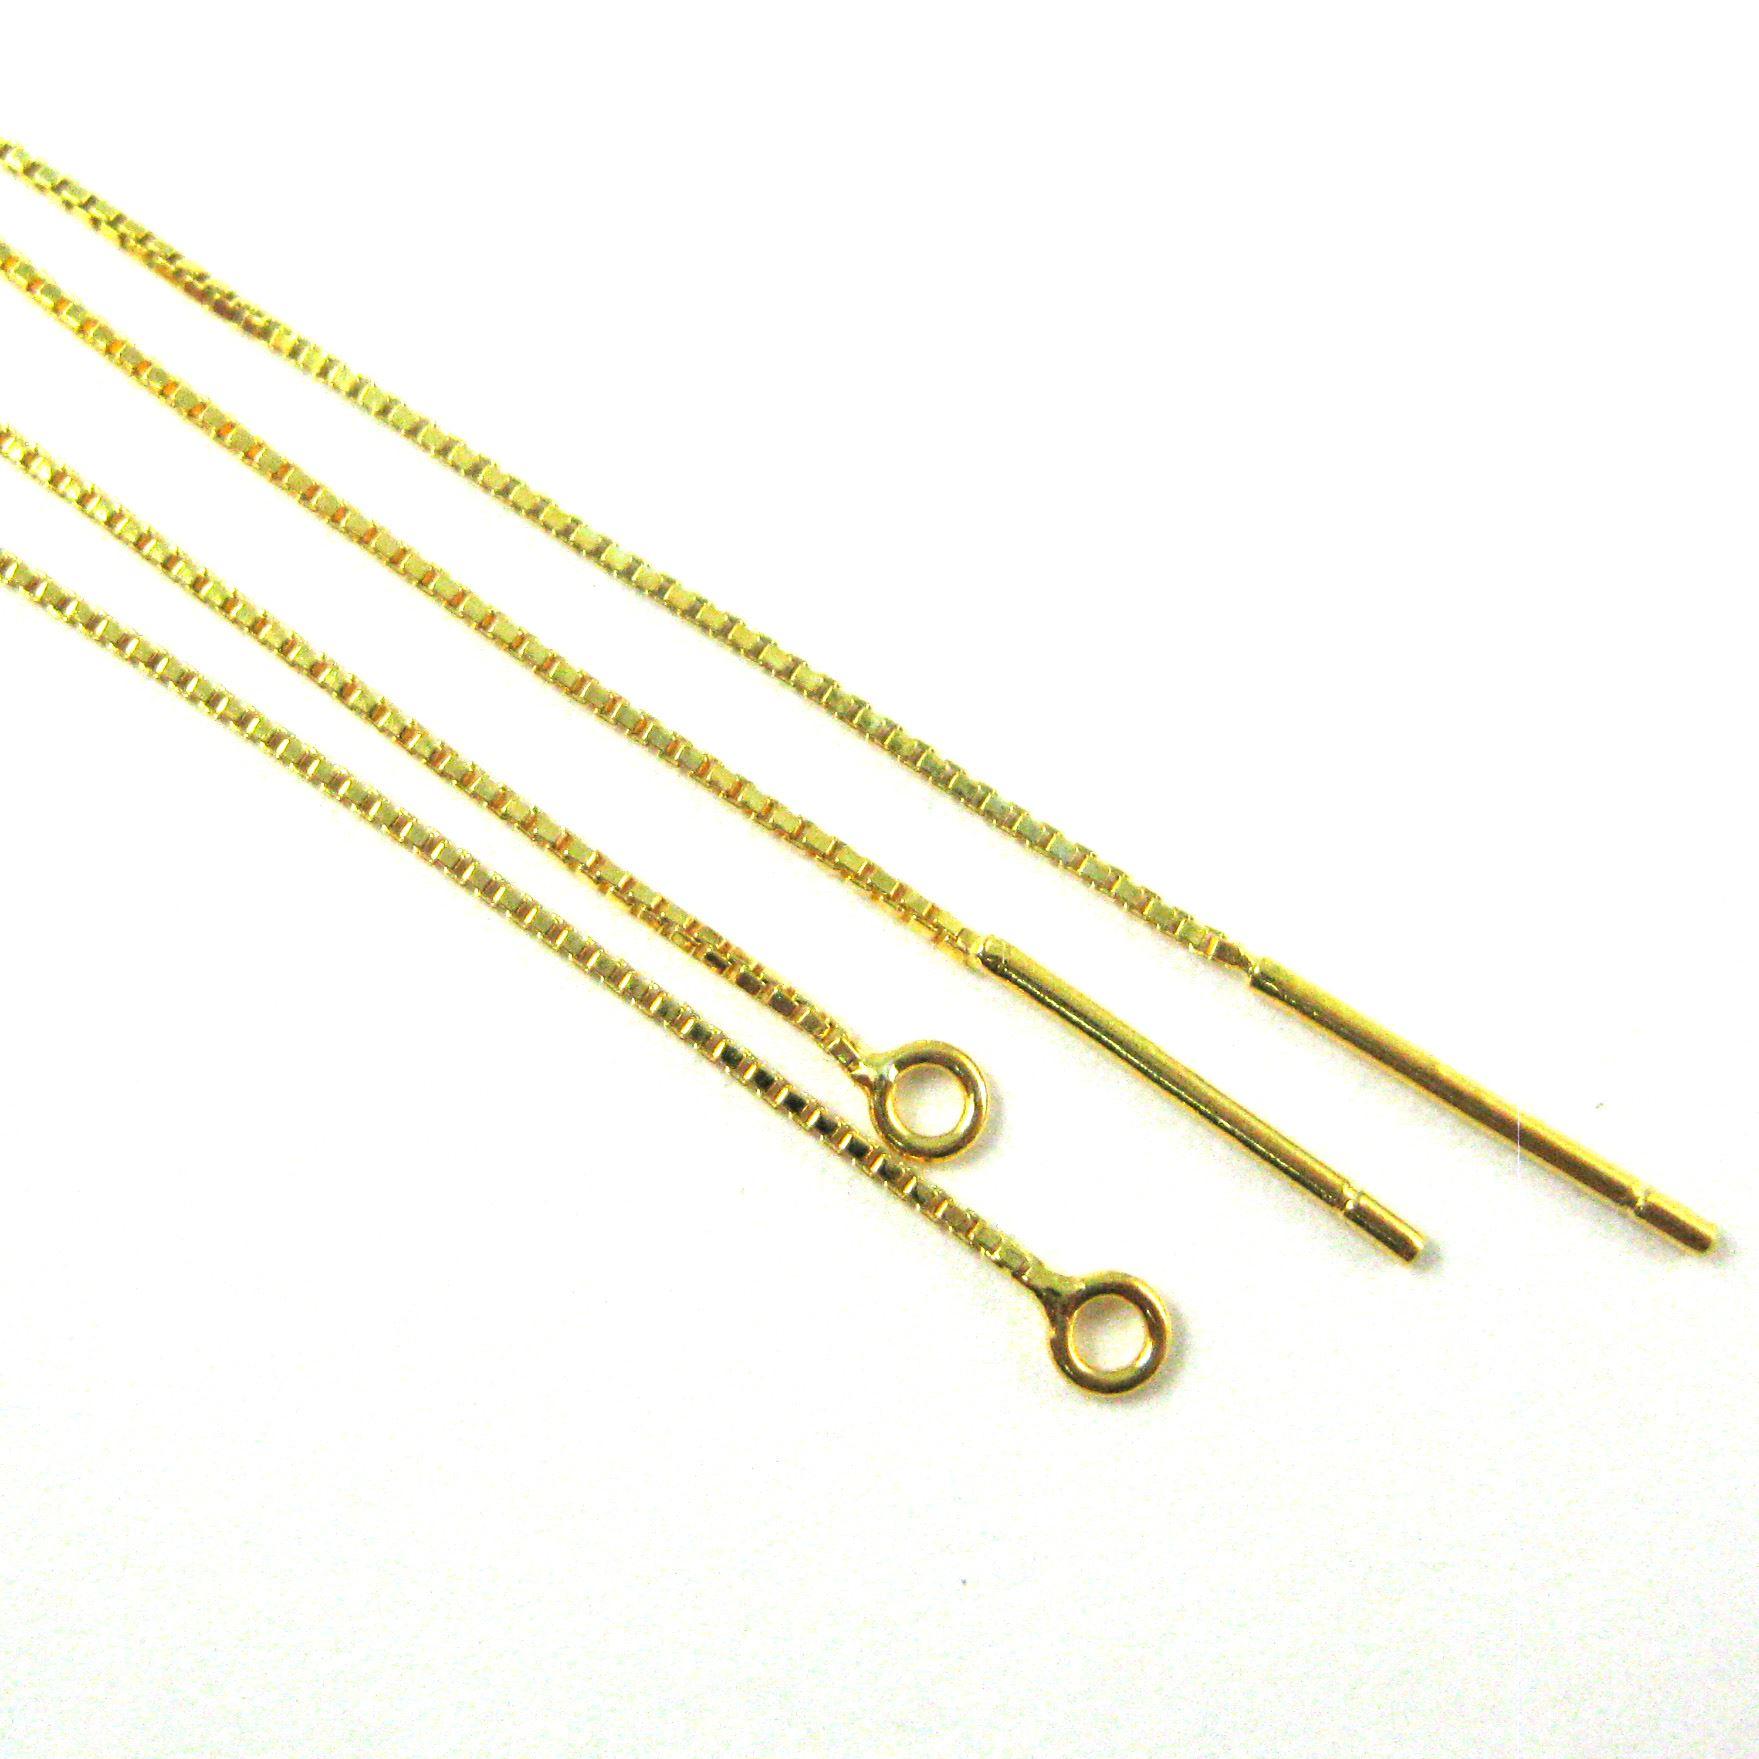 22K Gold over Sterling Silver Ear Thread, Long Dangle Threader Gold Earrings- 80mm long (2 pcs, 1 pair)